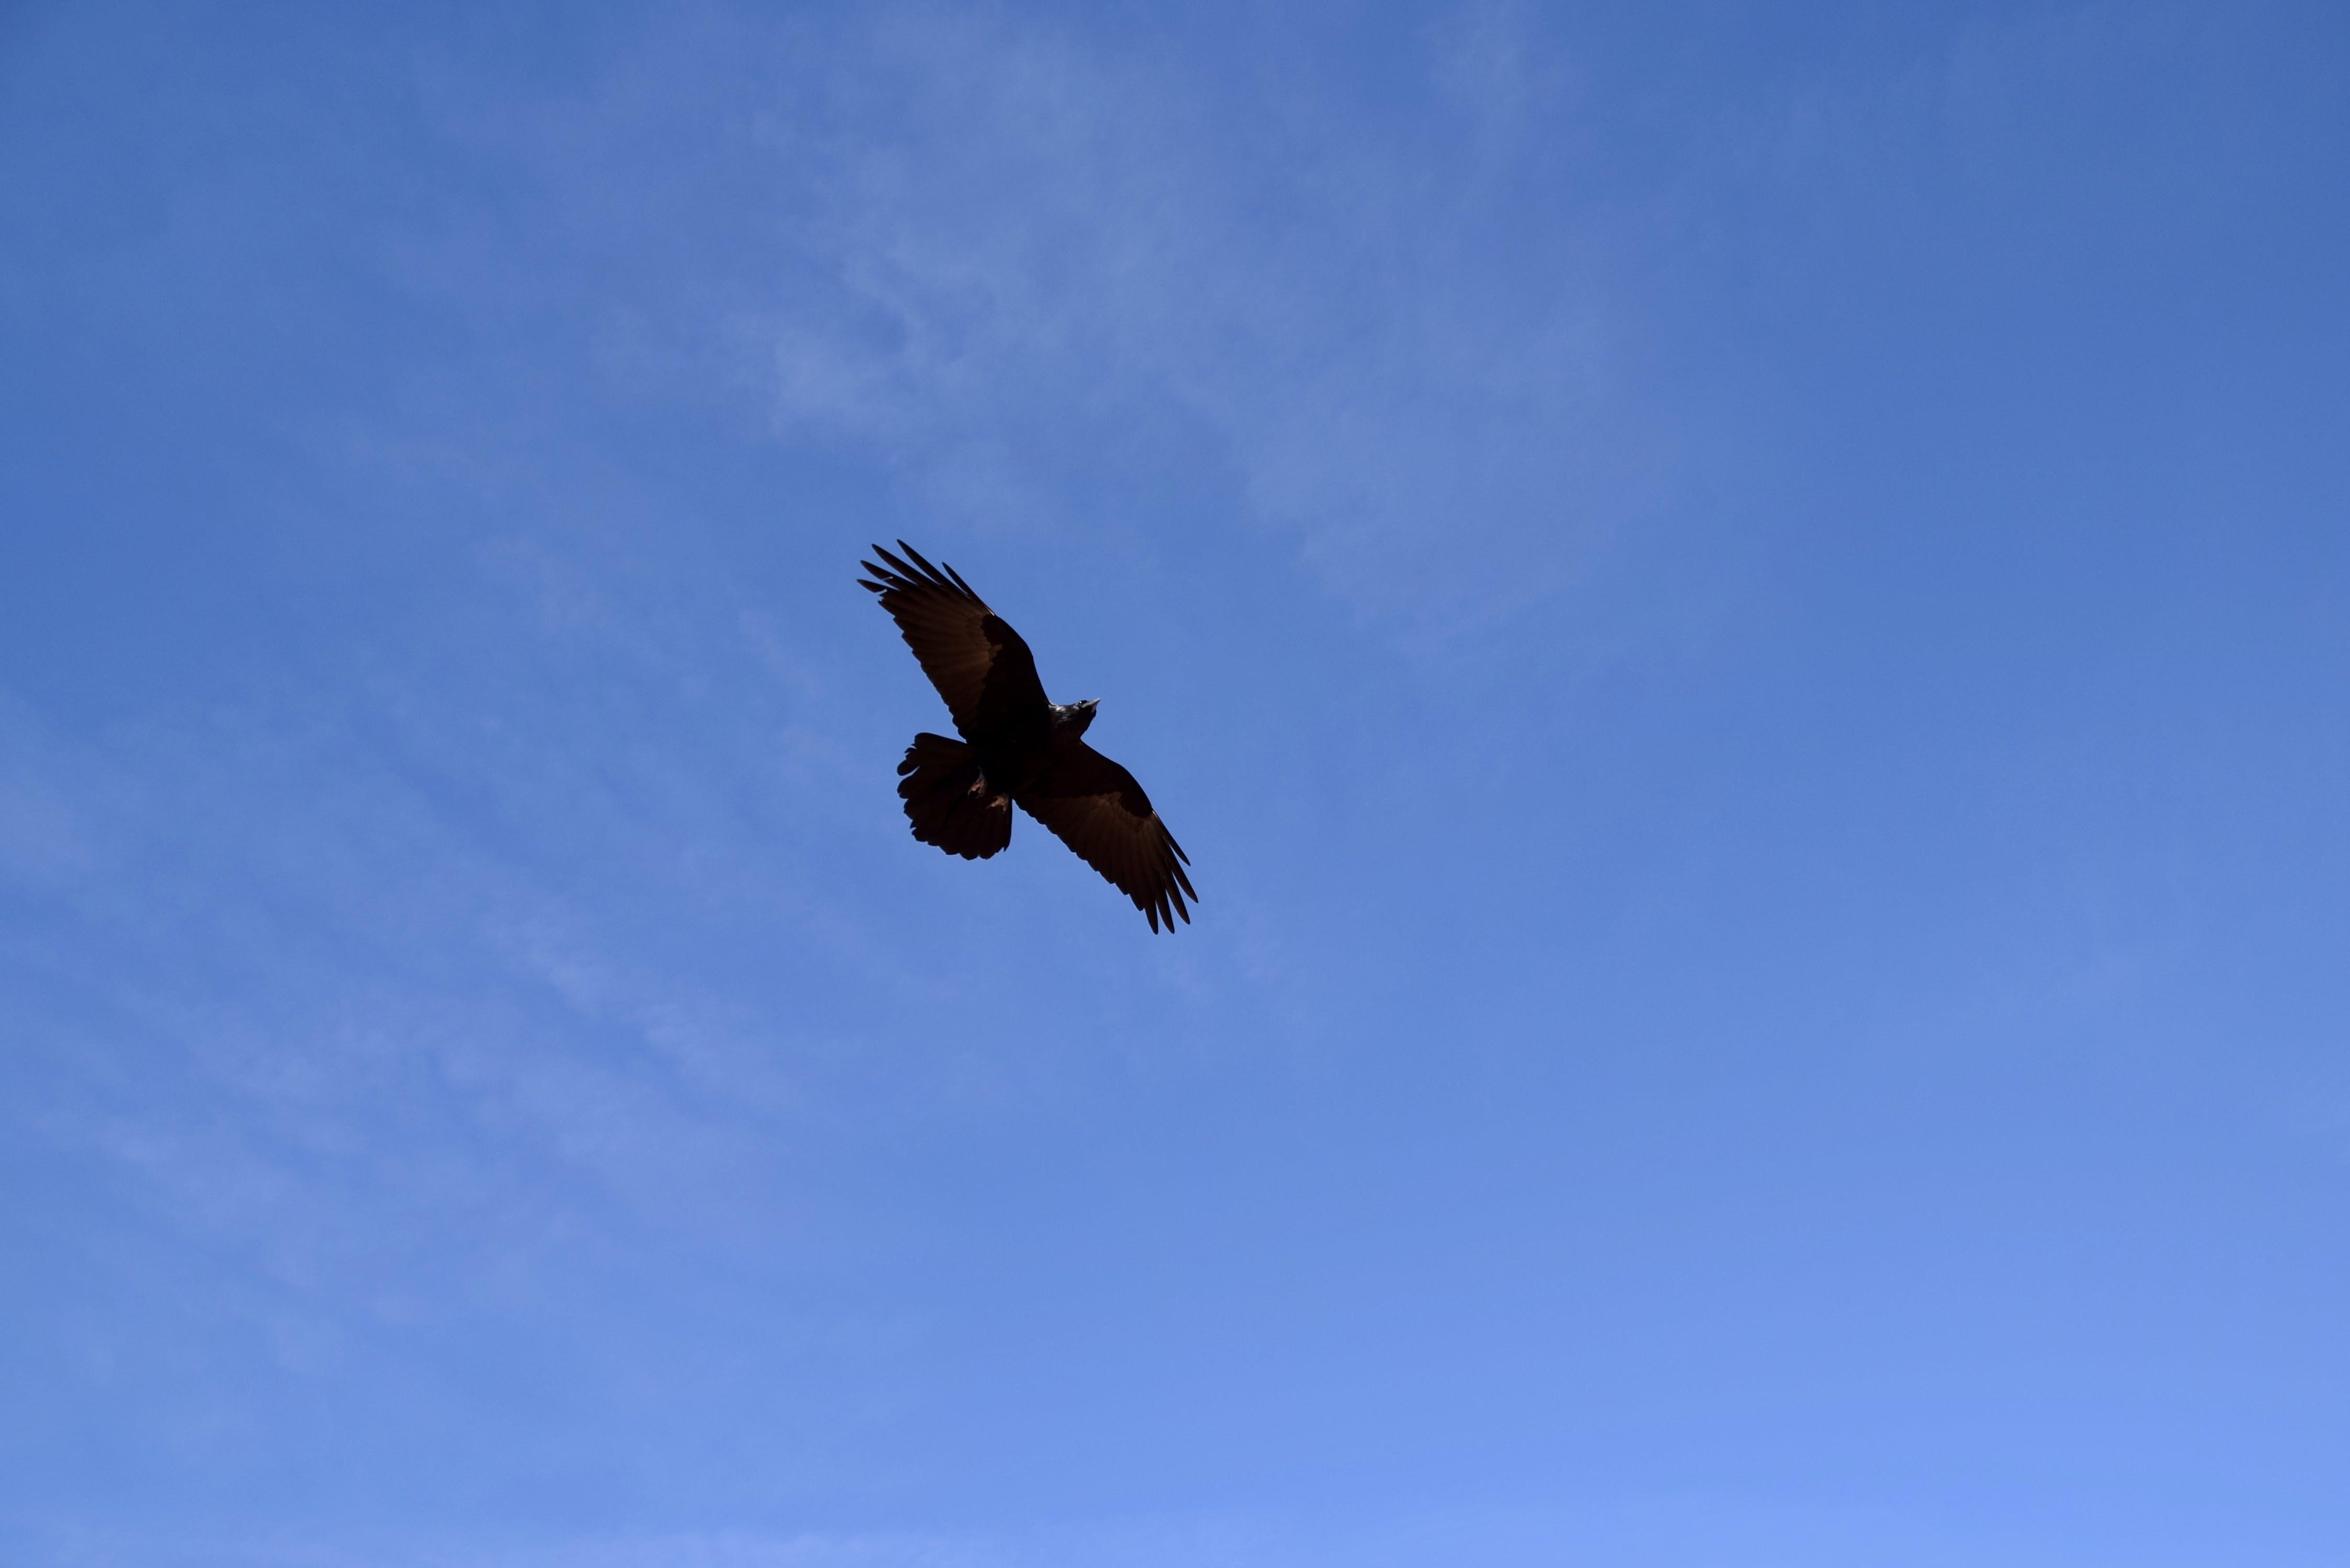 Fotos de stock gratuitas de alas, altísimo, ave volando, cielo